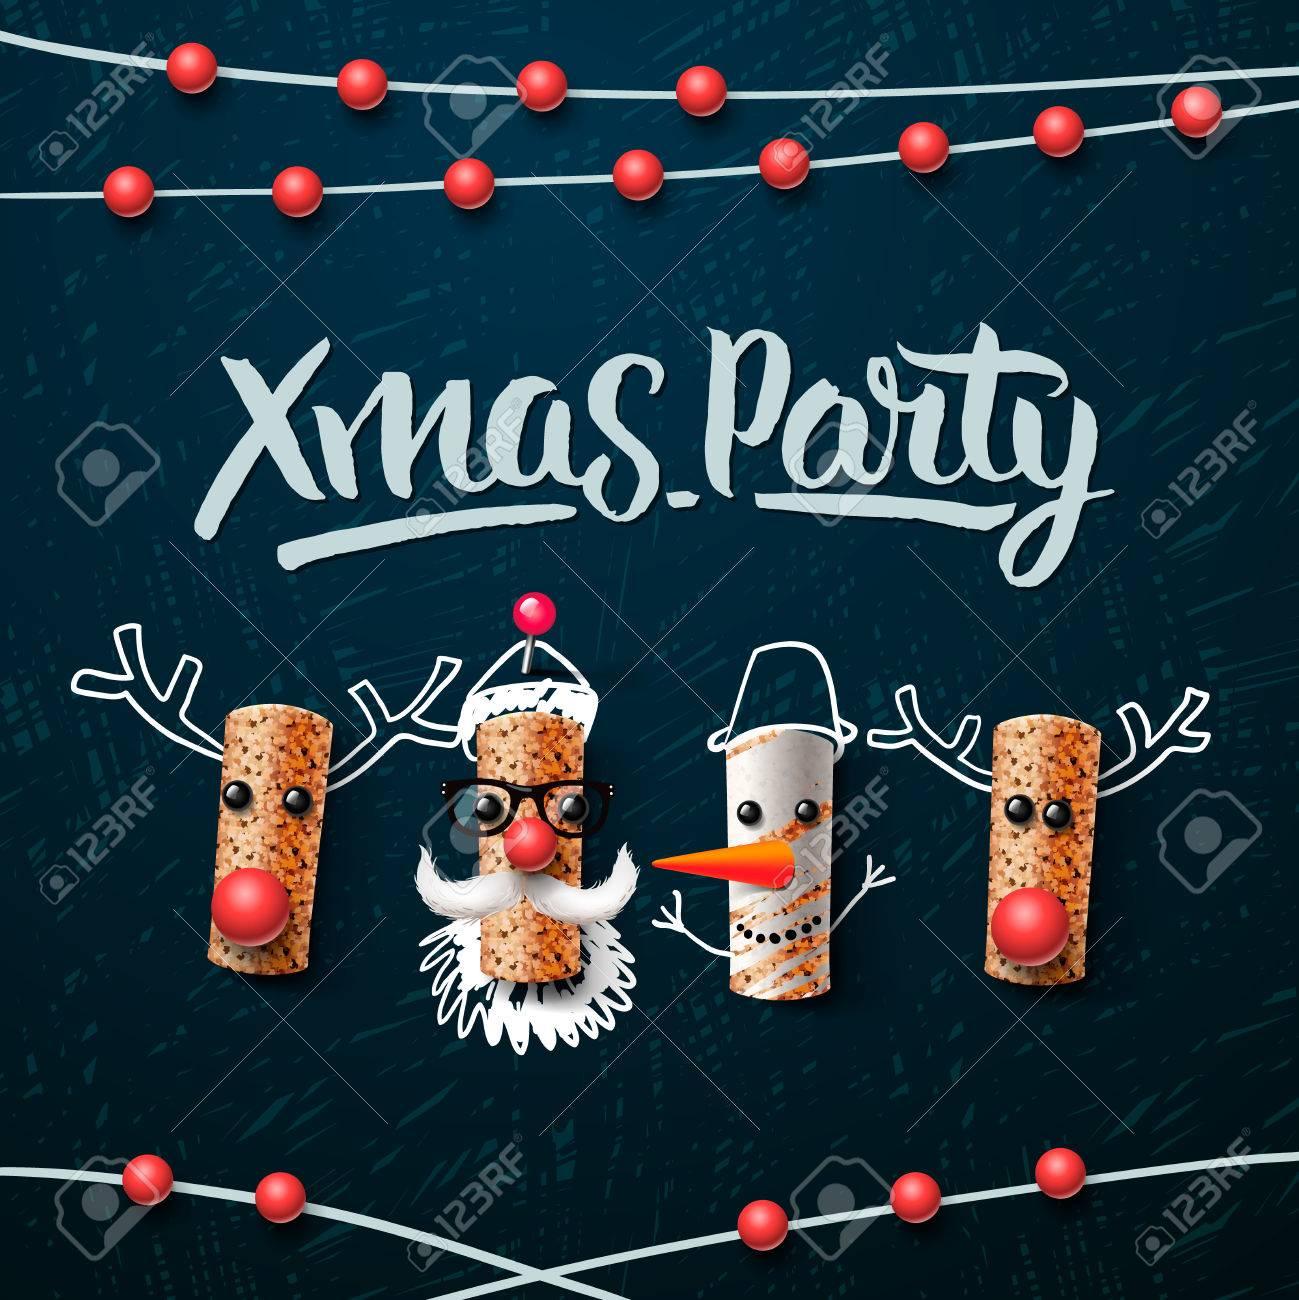 Weihnachtsfeier Vorlage, Weihnachten Zeichen, Weihnachtsmann, Schneemann und Rentiere, die aus Weinkorken, Vektor-Illustration. Standard-Bild - 49477273